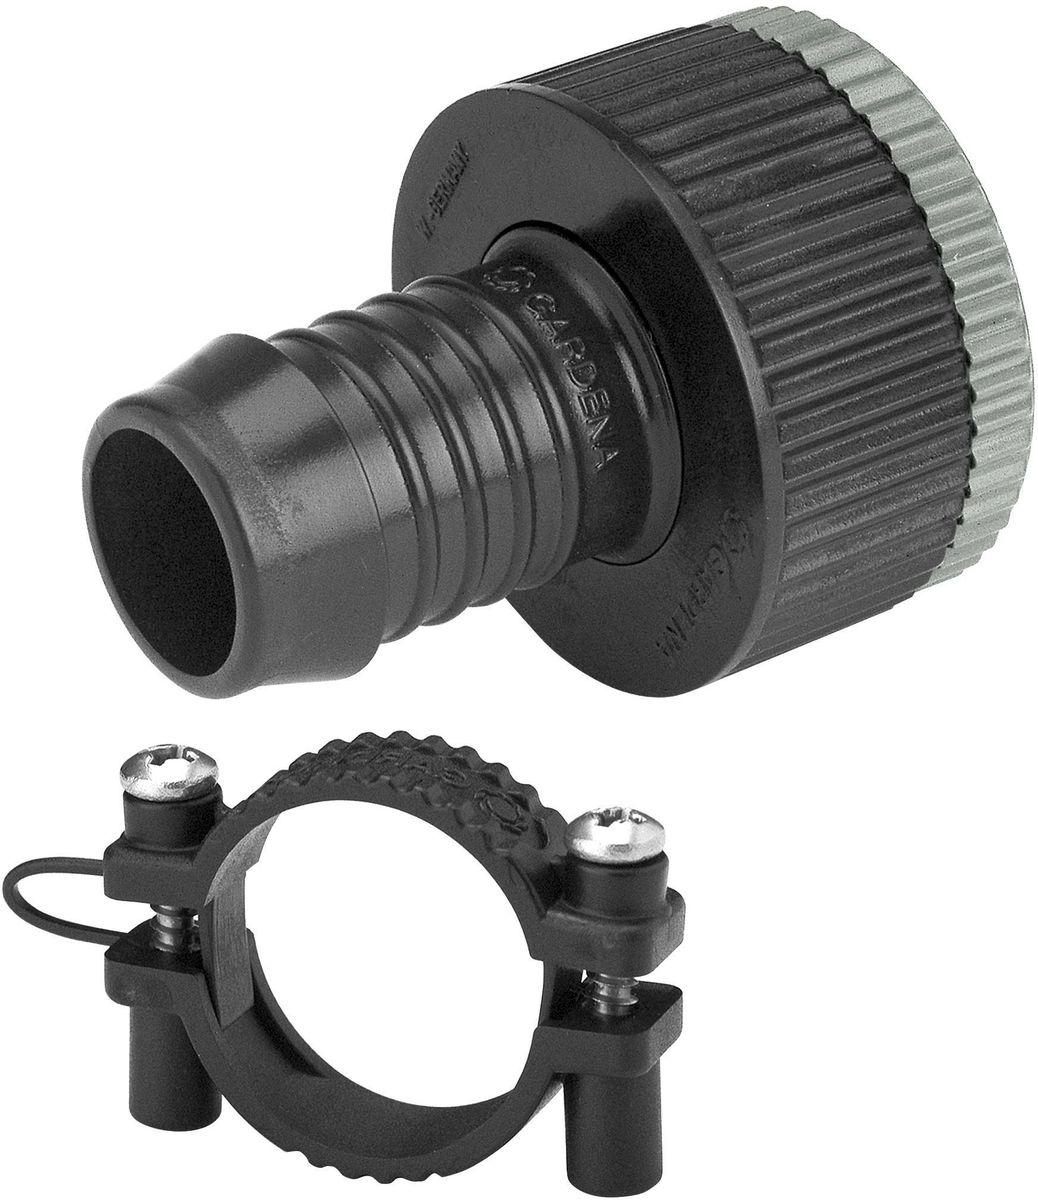 Вставка адаптерная Gardena01513-27.000.00Адаптерная вставка Gardena предназначена для создания устойчивого к постоянному давлению шлангового соединения между водопроводным краном и входной колонкой. При подсоединении клапана для полива или водозаборной колонки, как правило, создается постоянное давление. Такая вставка подходит для кранов с резьбой 26,5 мм (G 3/4) и 33,3 мм (G 1), а также для шлангов диаметром 19 мм (3/4). В комплект поставки входит хомут для крепления шланга. Кроме того, адаптерная вставка может использоваться для перехода с подающего шланга 19 мм(3/4) на шланг 25 мм с соединителем Gardena, наружная резьба 25 мм х 1.